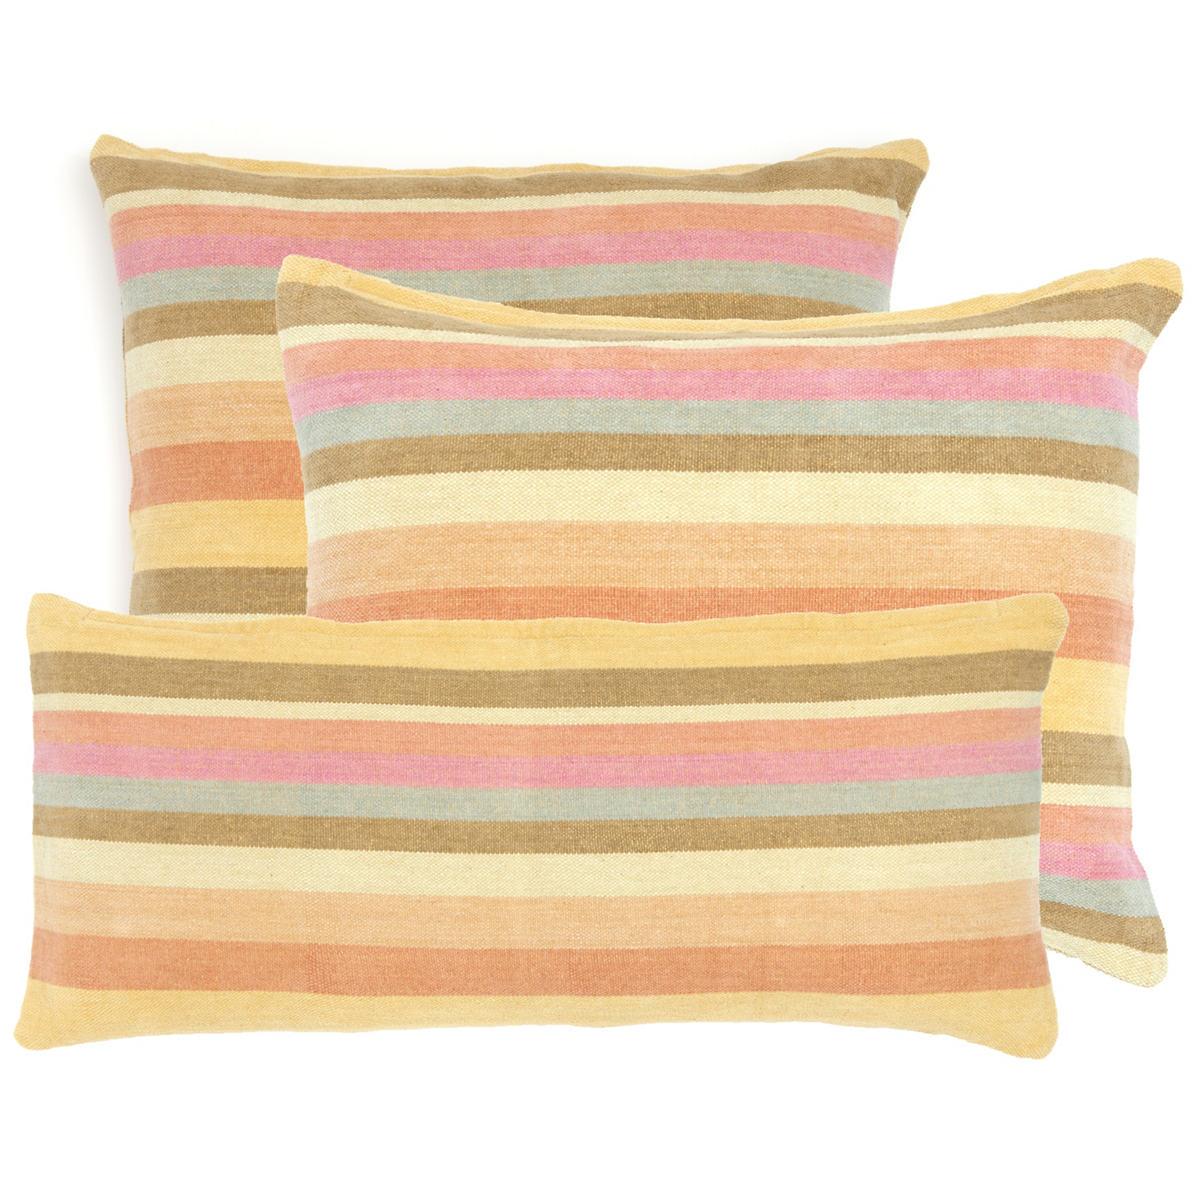 Montego Stripe Melon Chenille Decorative Pillow